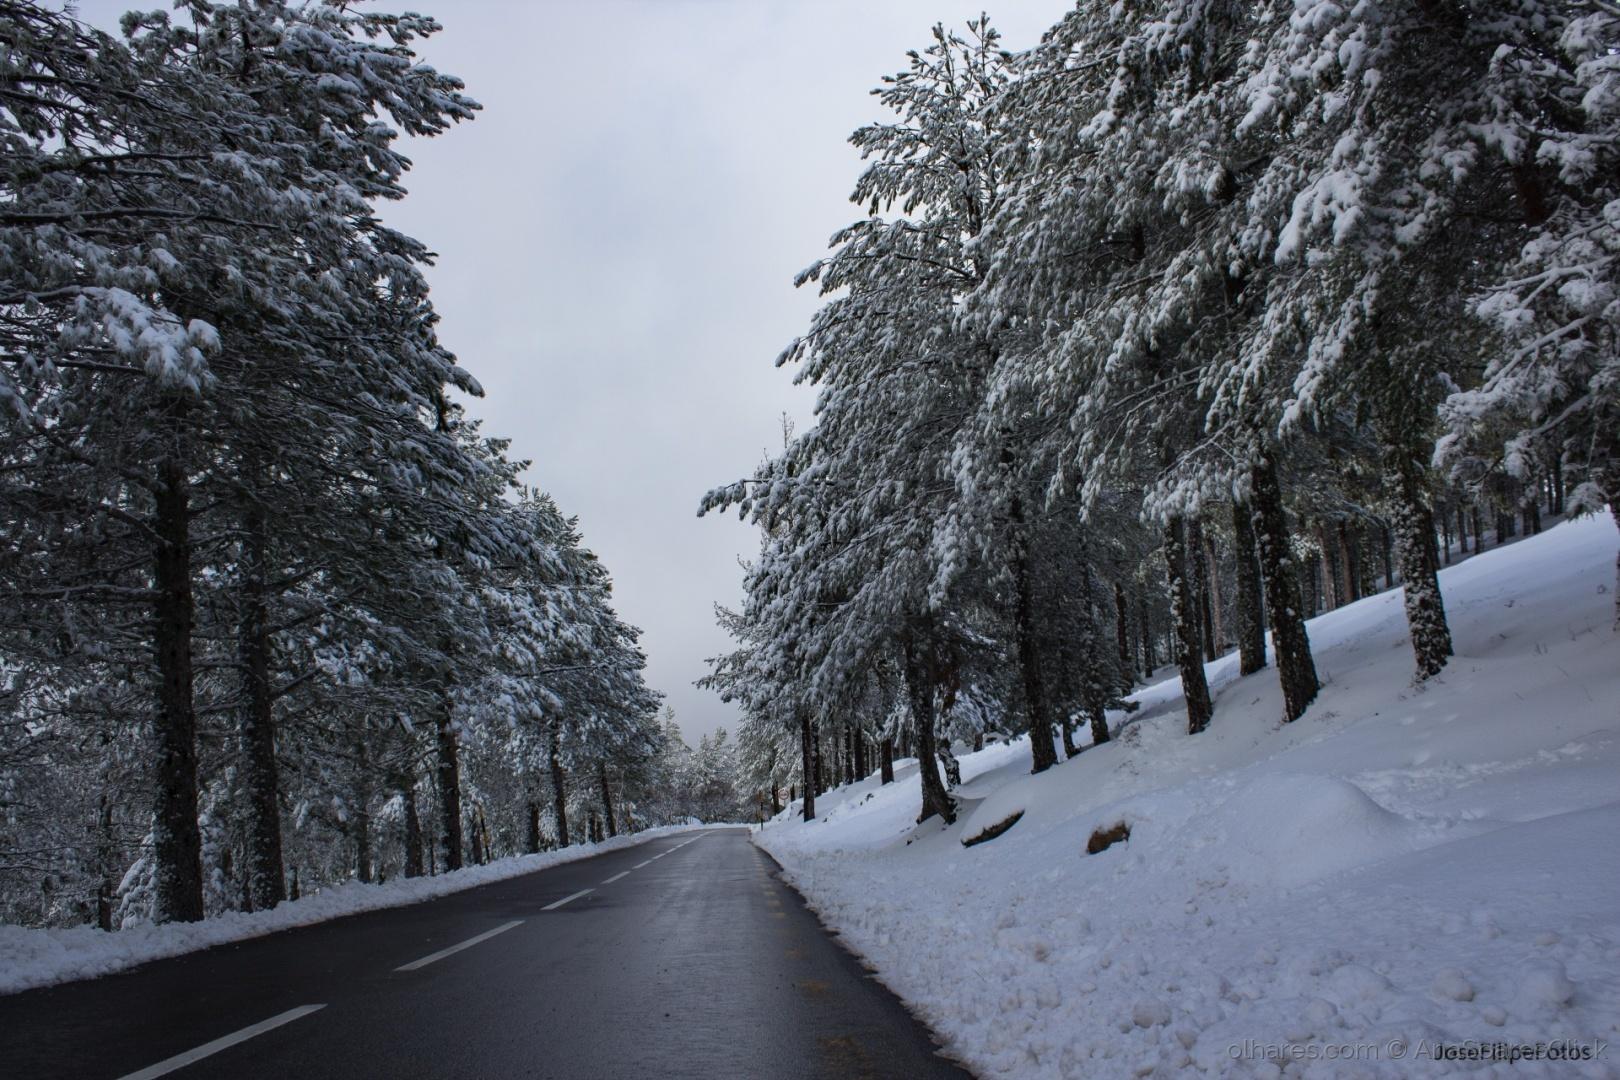 © JoséFilipeFotos - Caminhando pela neve